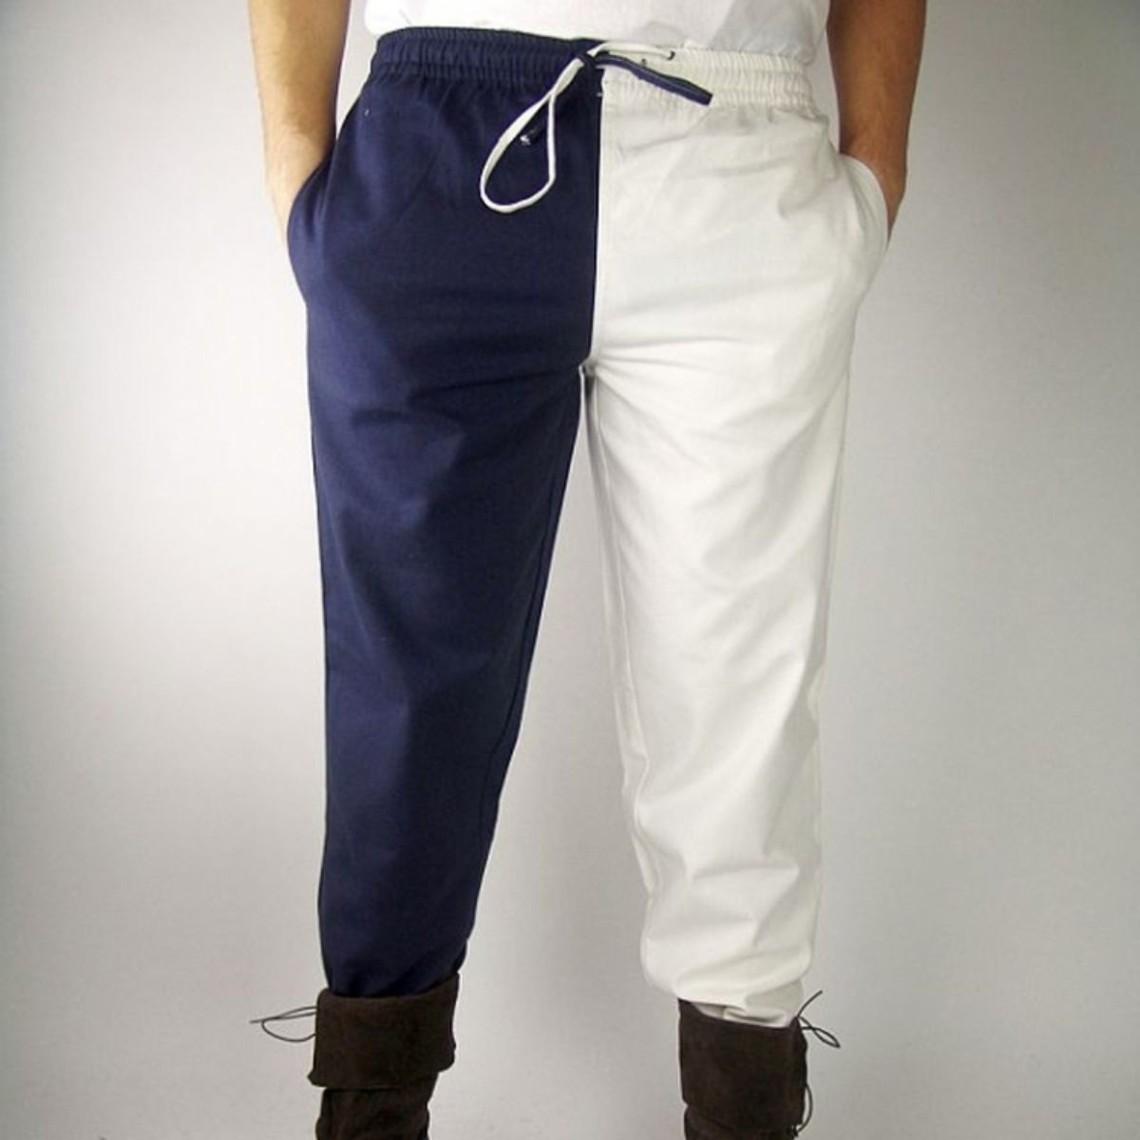 Leonardo Carbone Laat 14de eeuwse broek Mi parti, blauw-wit